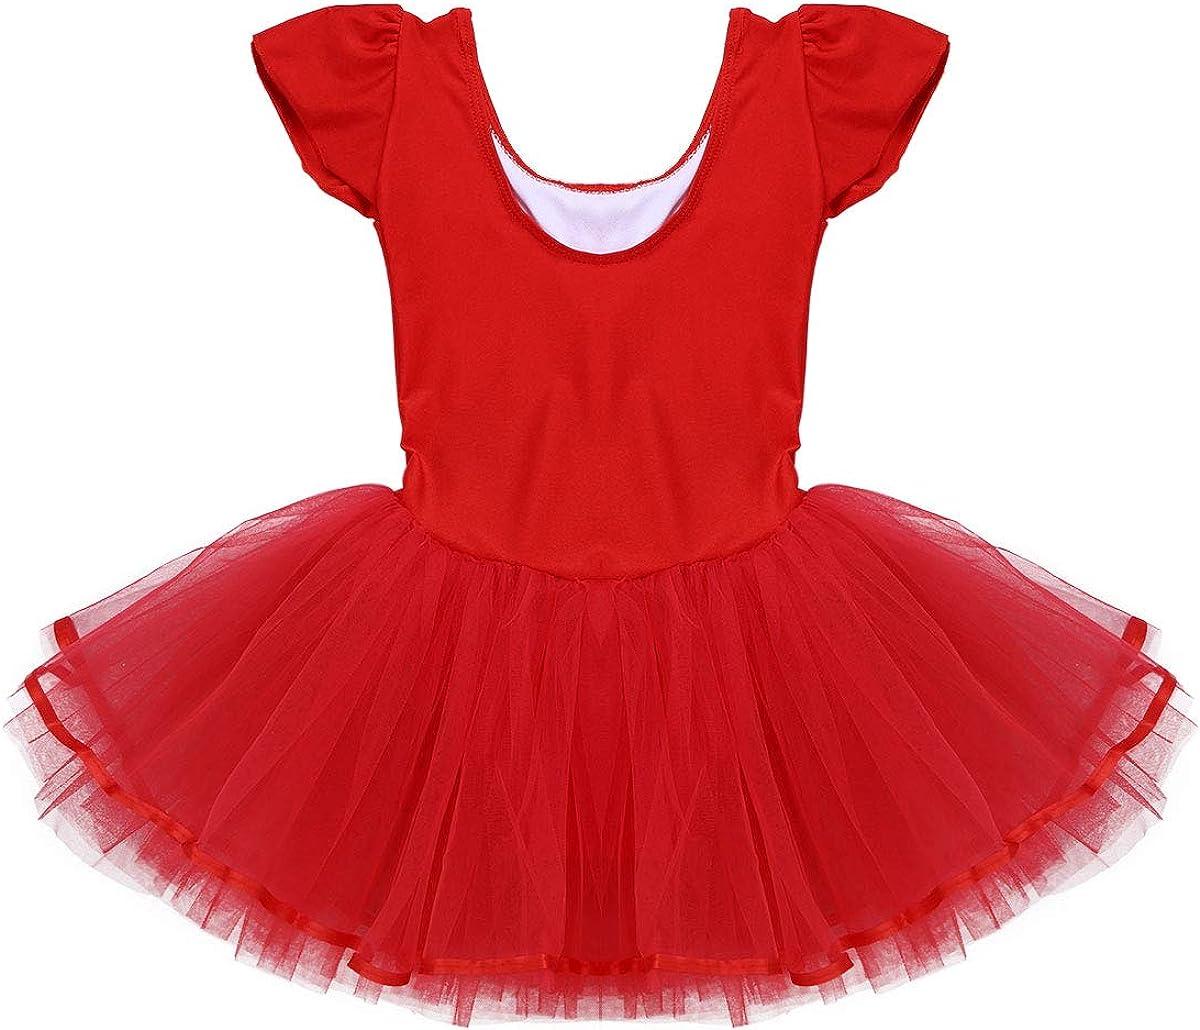 iiniim M/ädchen Ballettkleid Ballett Trikot Tanzkleid mit T/üllrock Ballerina Latin Tanzkleid Gymnastik Turnanzug Sport Ballettoutfits Gr.92-140